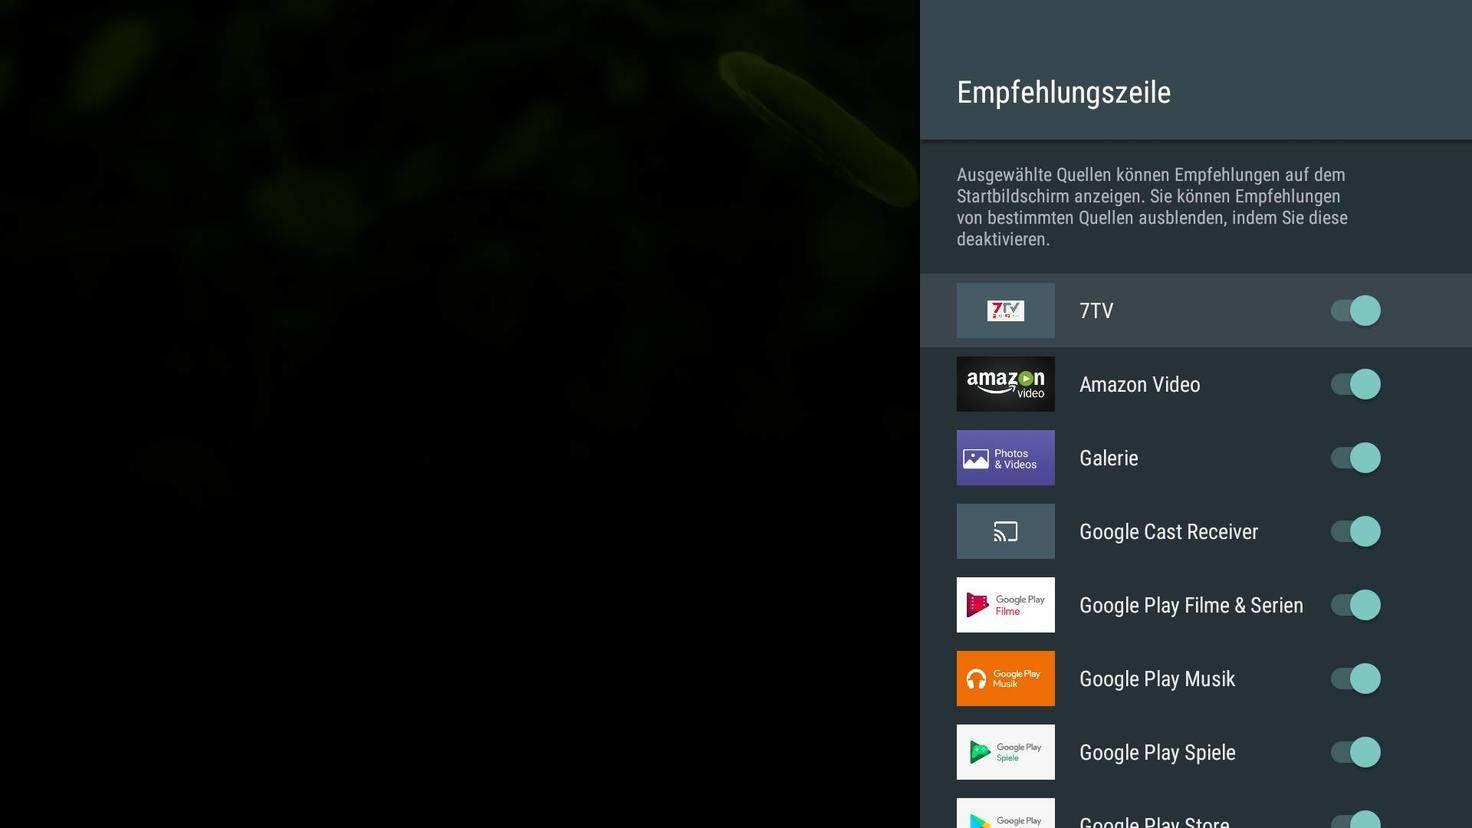 Android TV Empfehlungen